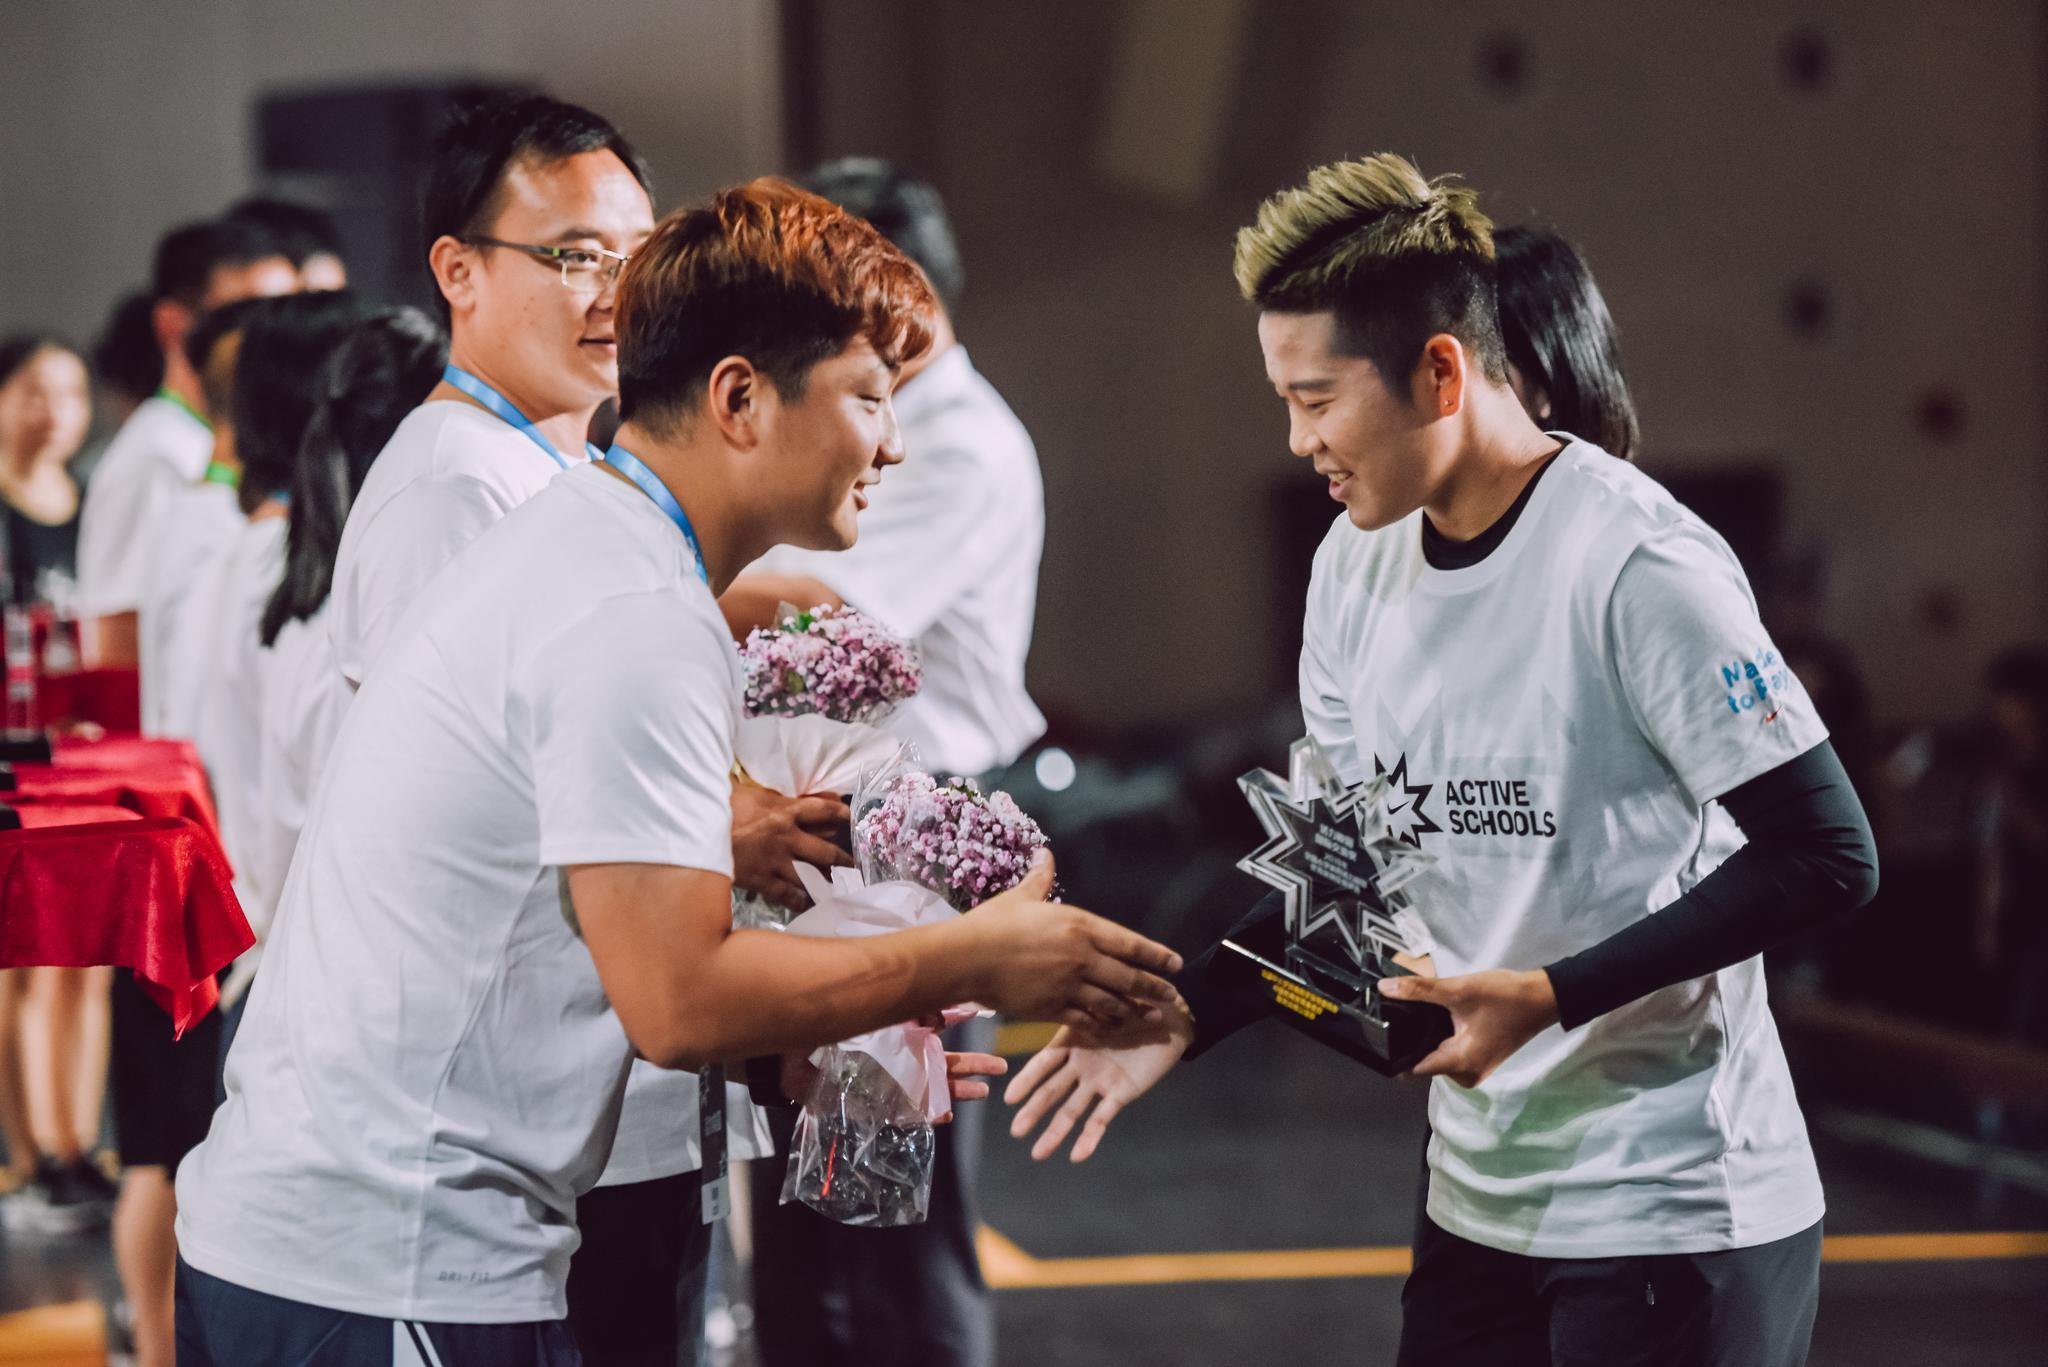 女足国家队运动员李影为获奖教师颁奖